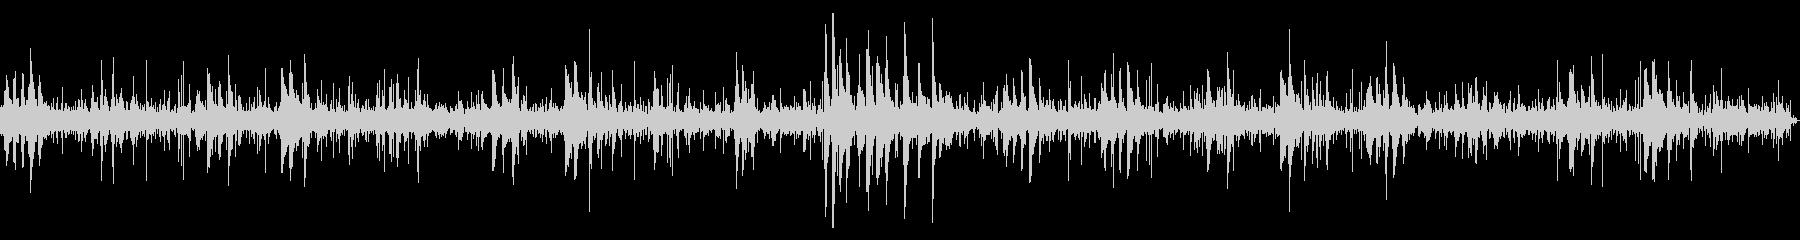 環境音をBGMにしたピアノのヒーリング曲の未再生の波形